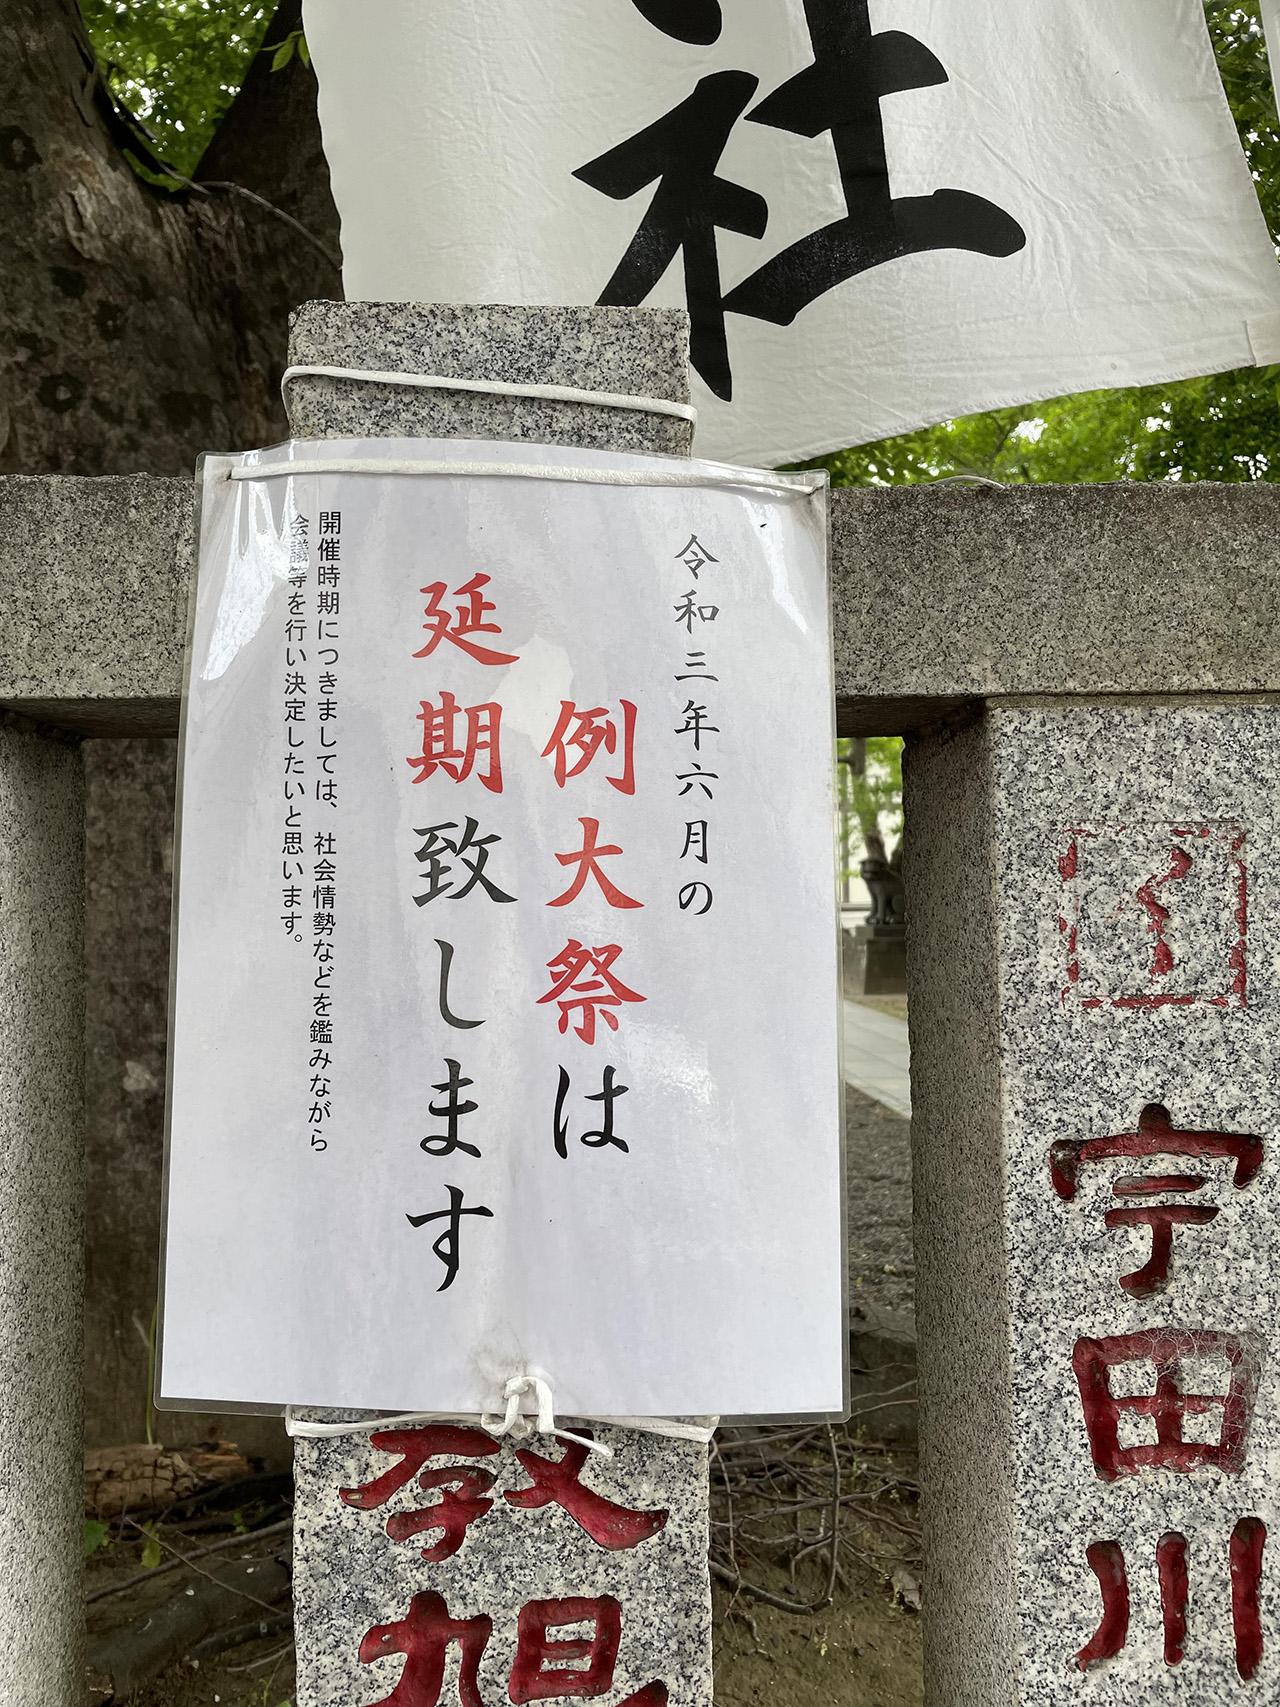 浦安三社祭延期の張り紙の写真